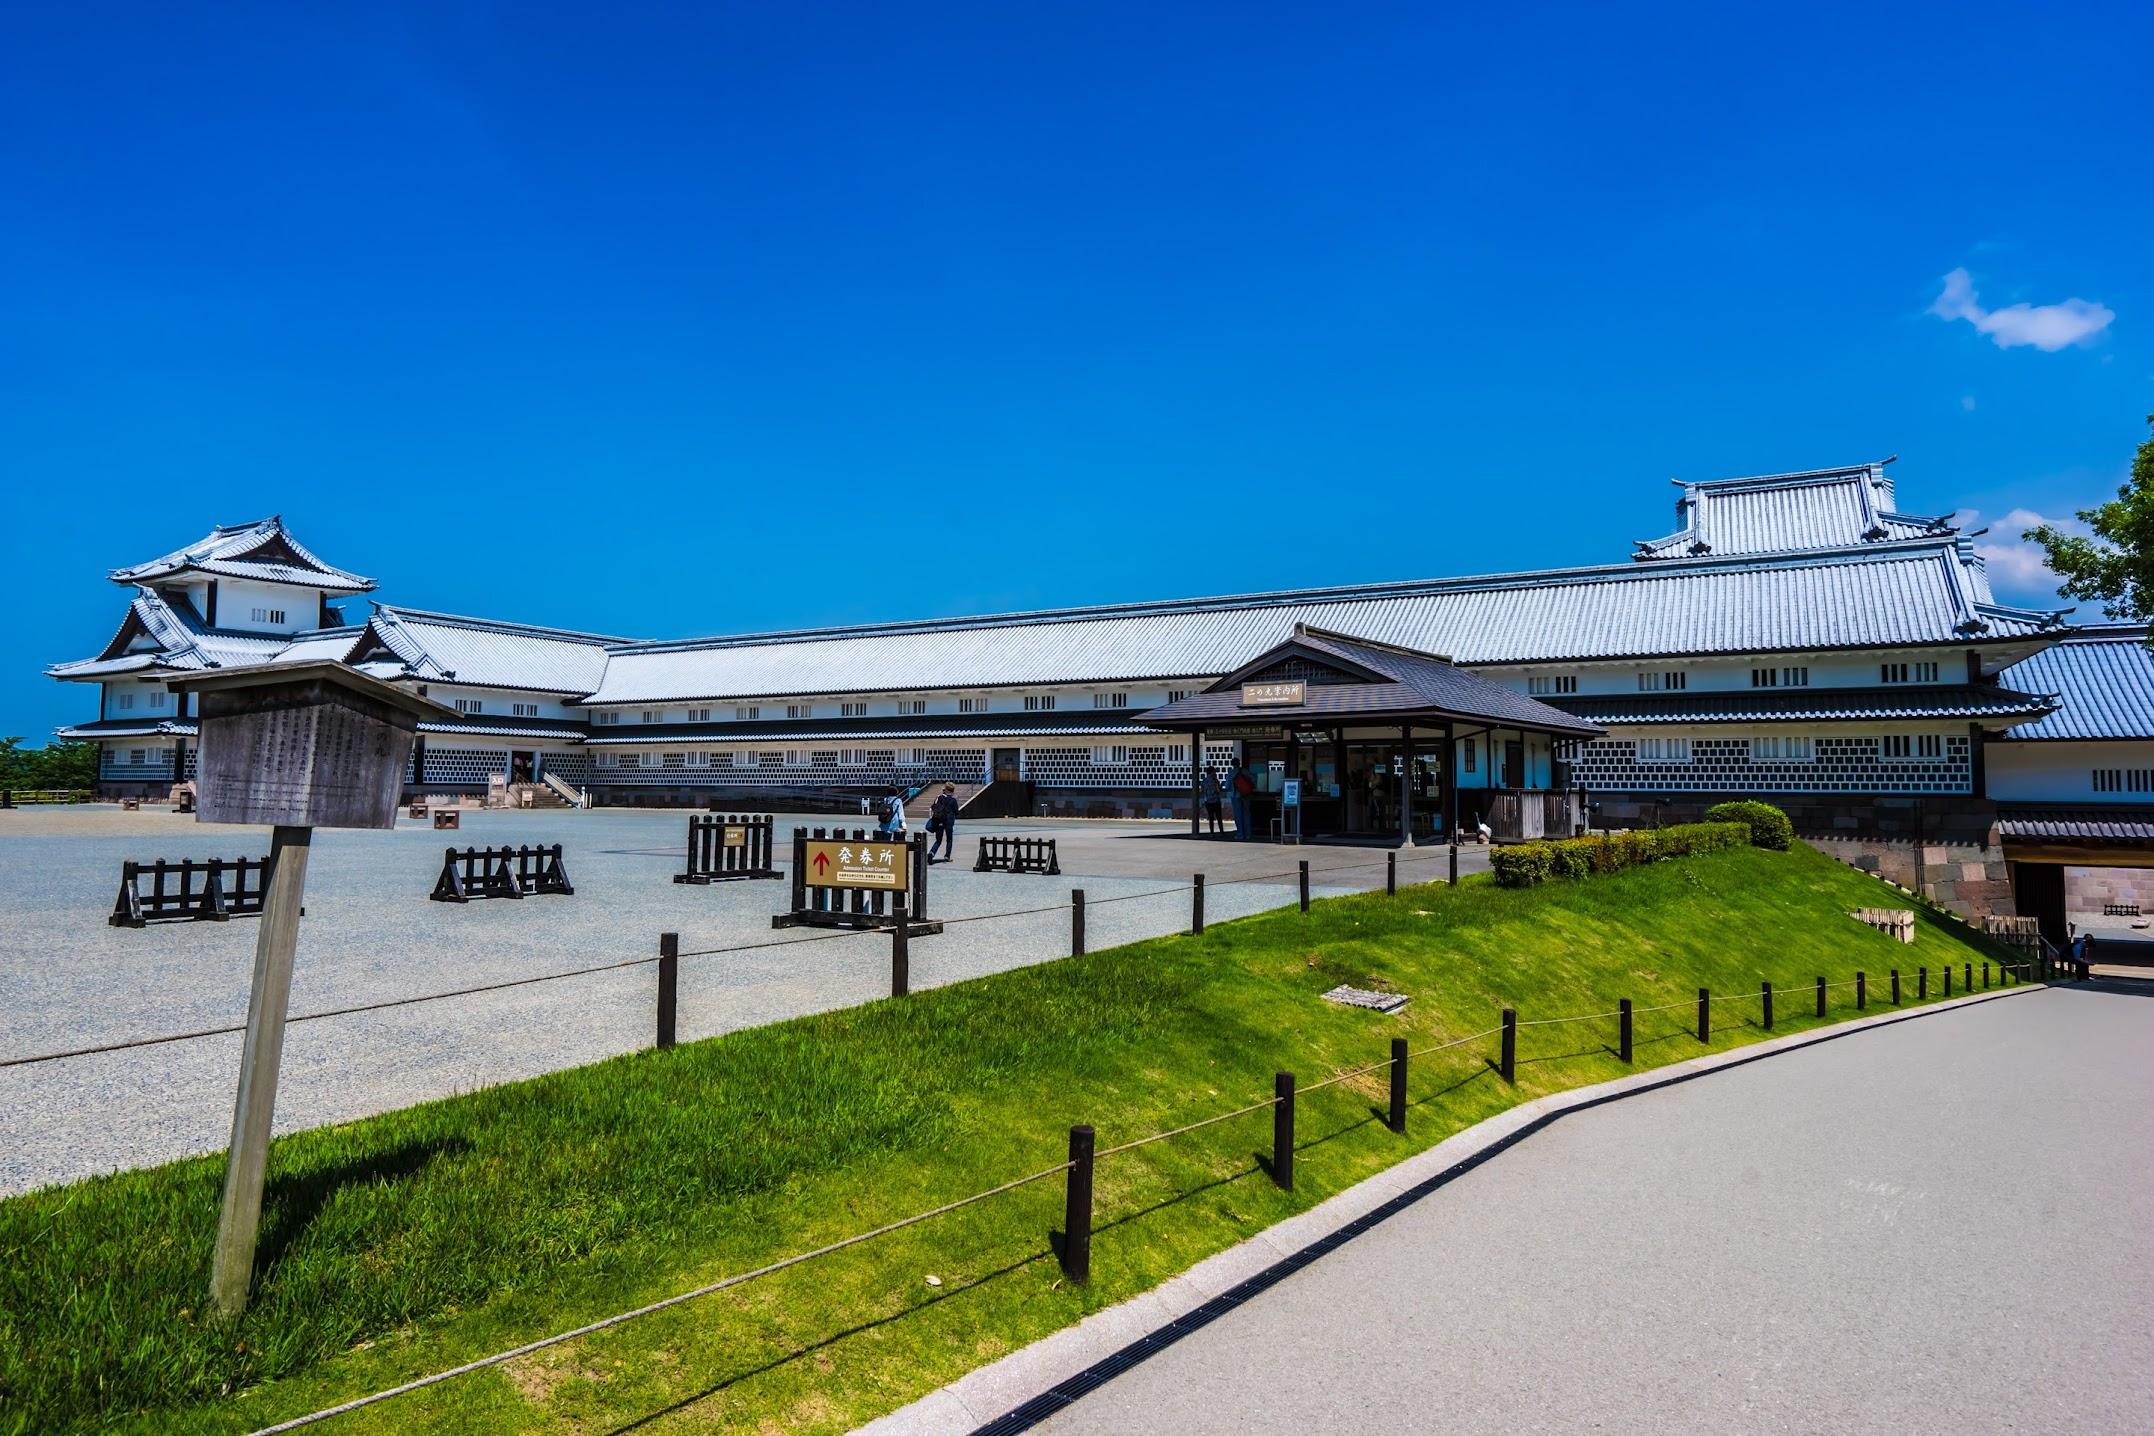 金沢城公園 菱櫓・五十間長屋・橋爪門続櫓5